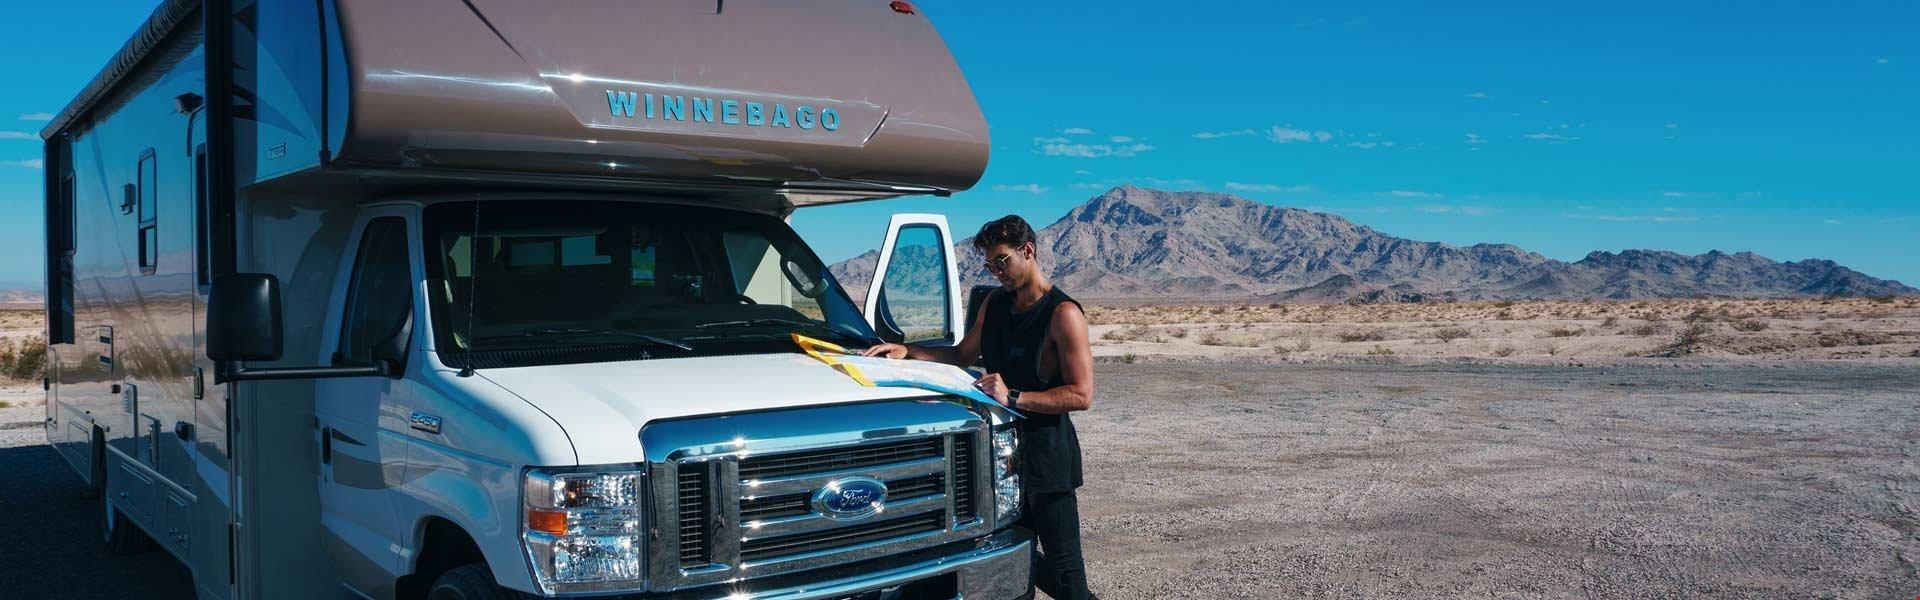 Ga op campervakantie in Amerika met een camper van Apollo